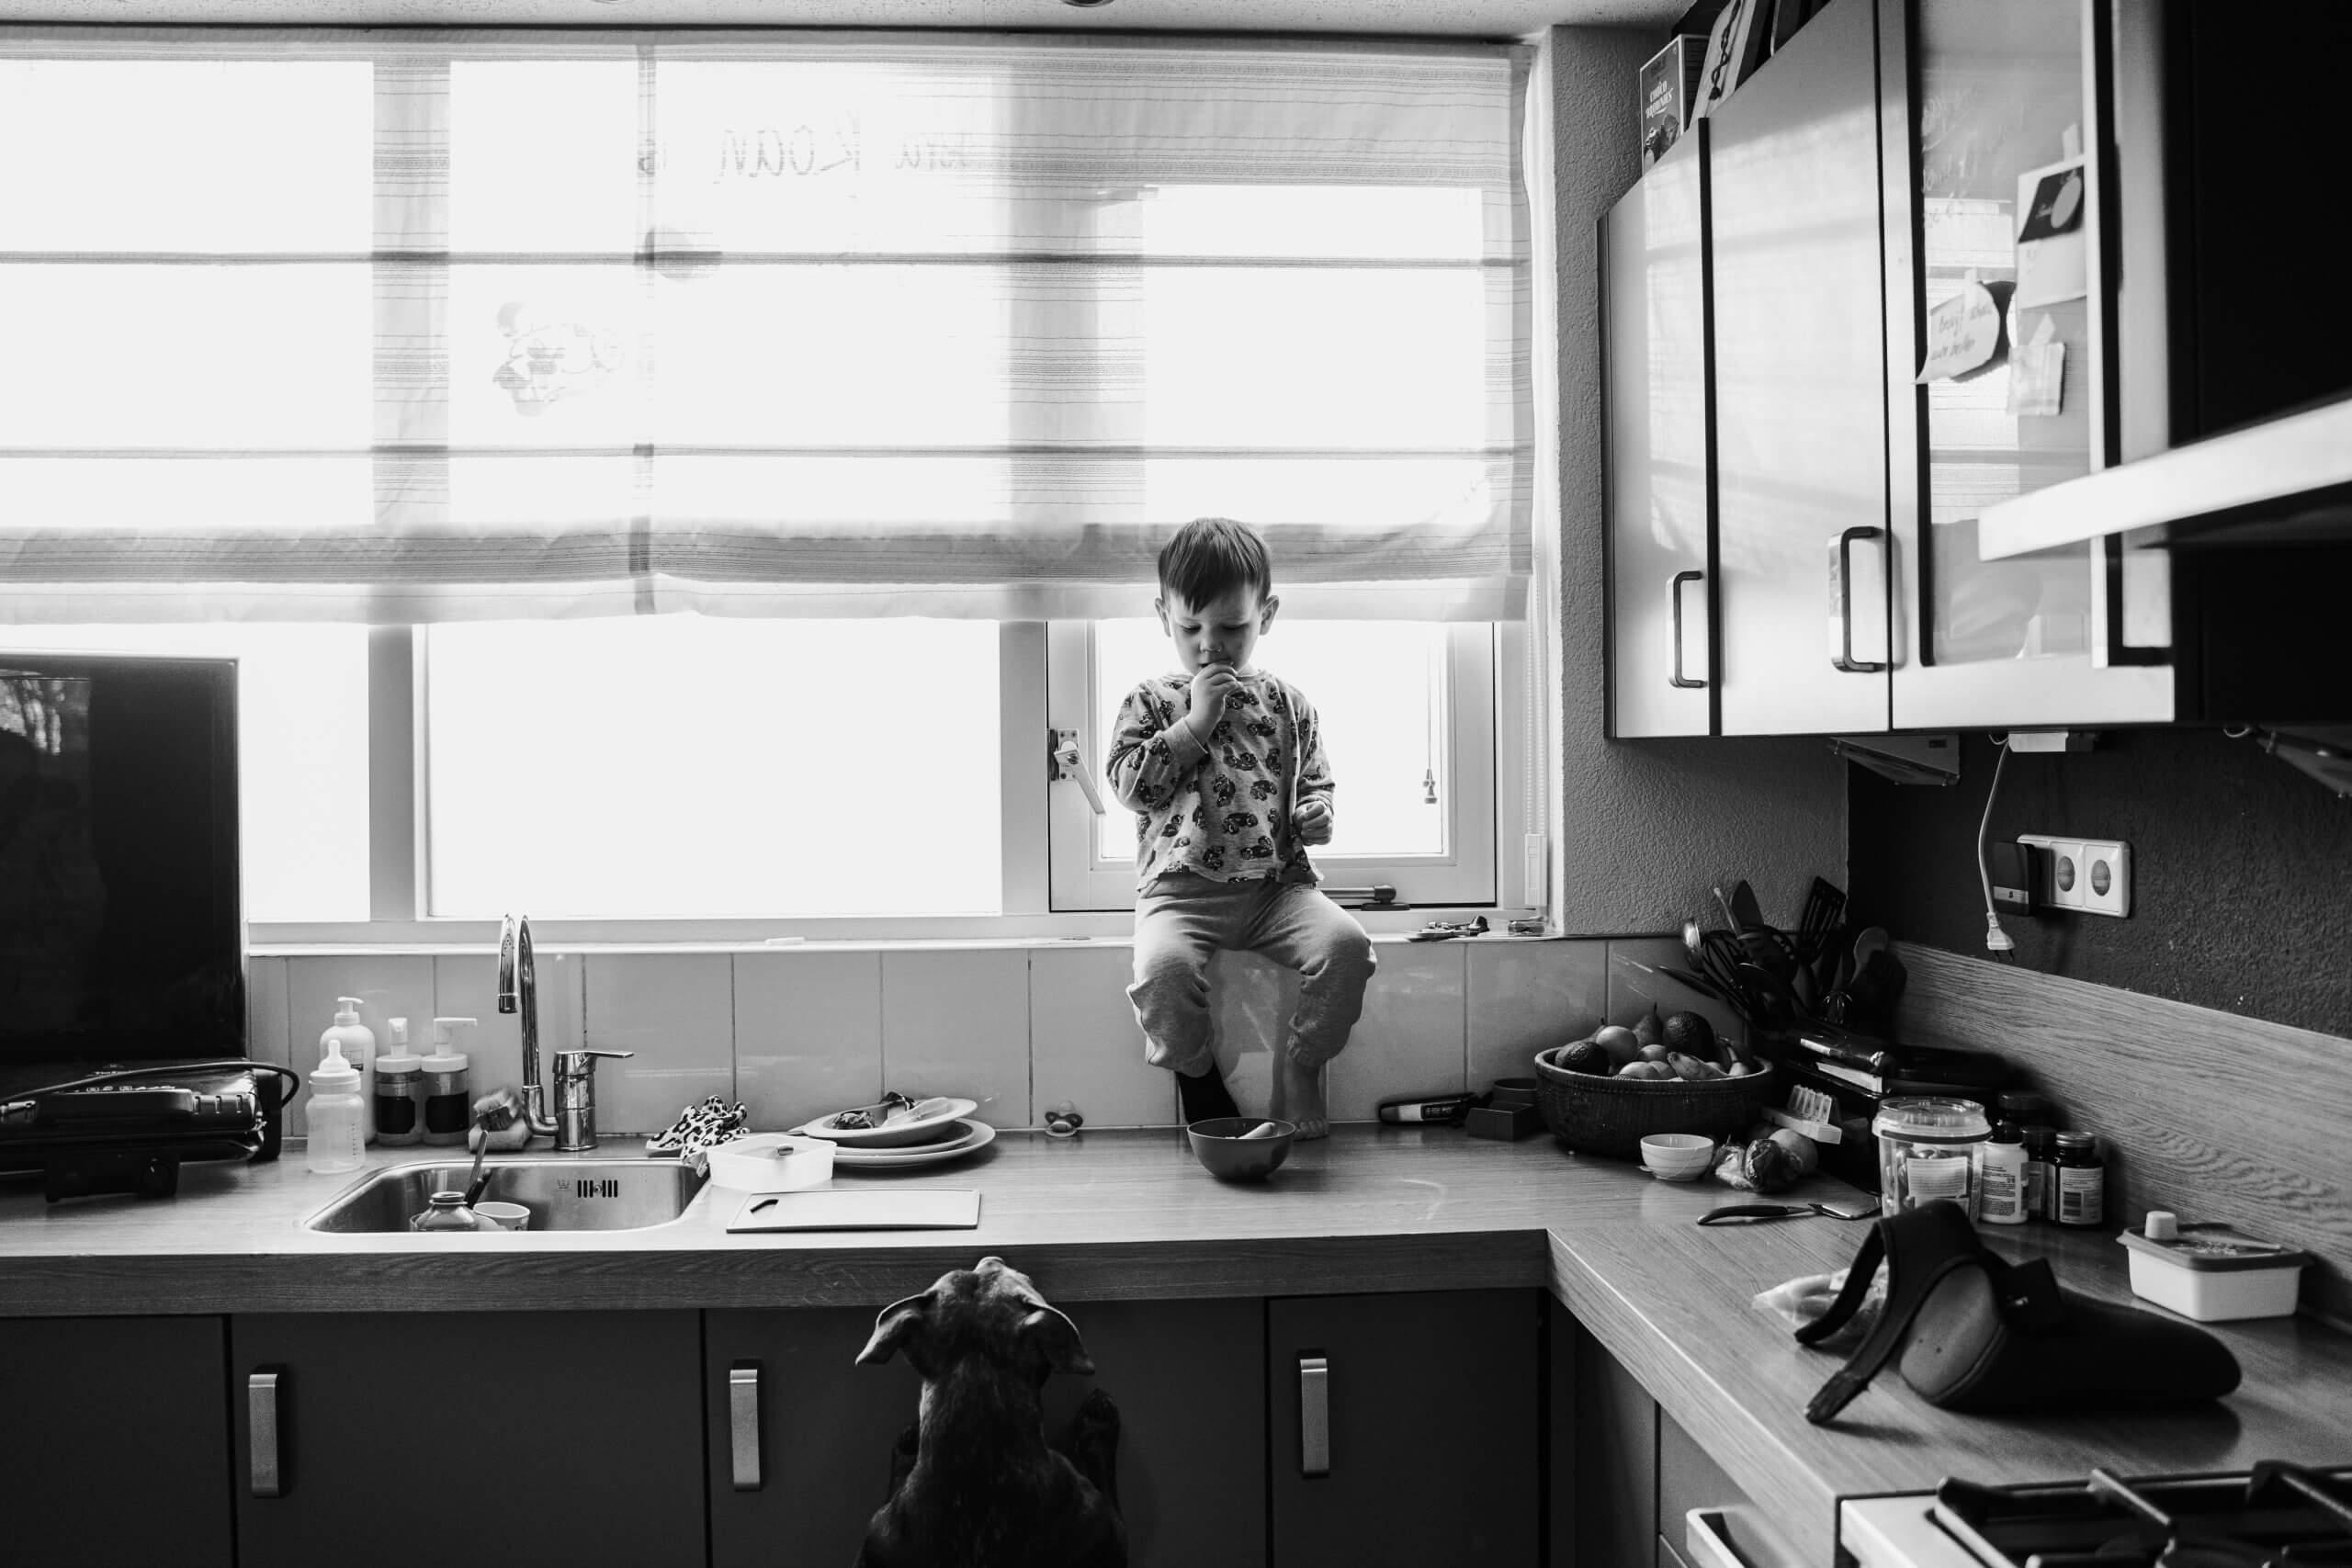 Day in the life keuken zo als het is